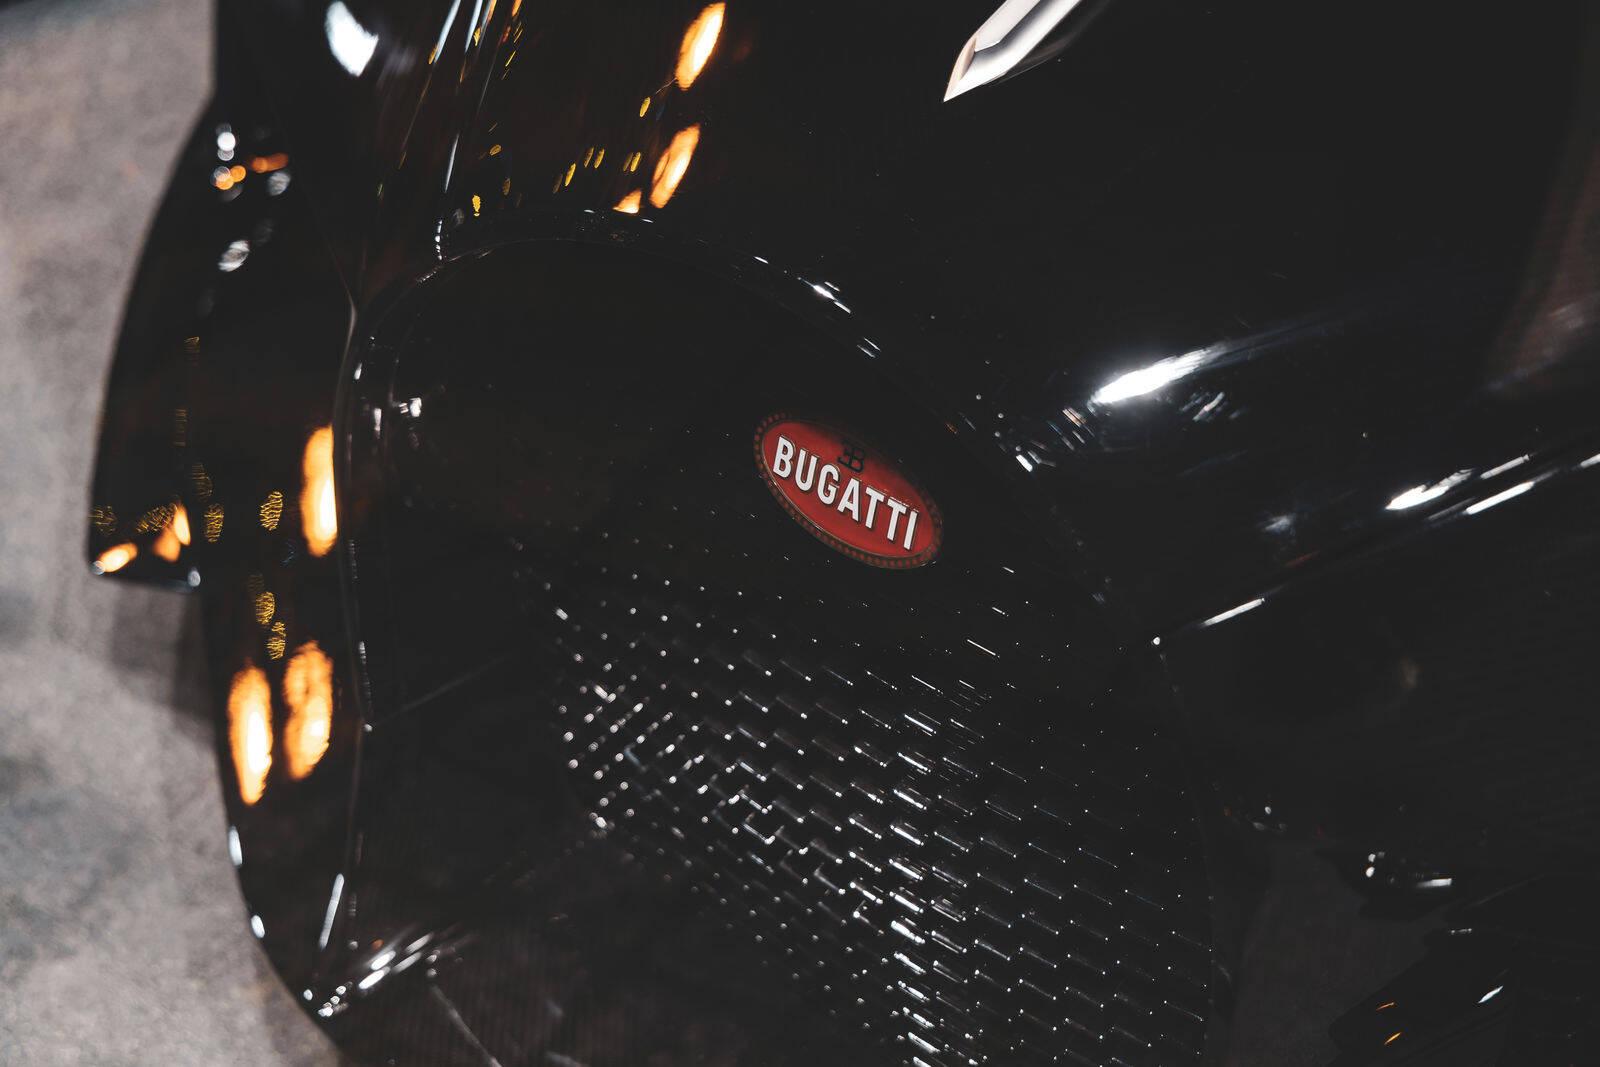 Bugatti La Voiture Noire. Foto: Divulgação